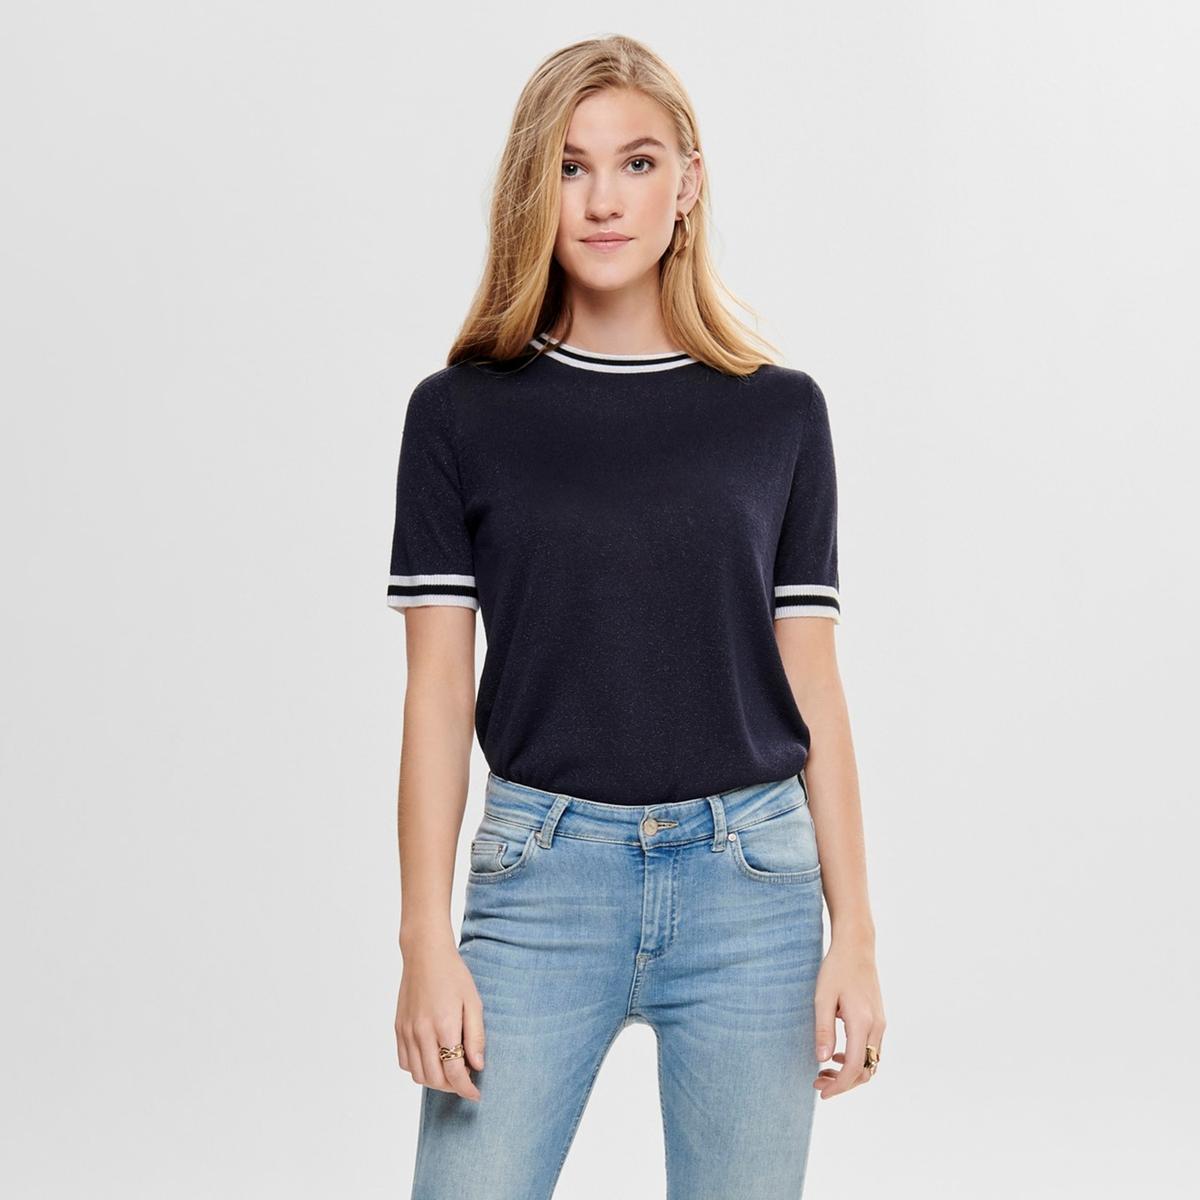 Пуловер La Redoute С круглым вырезом с короткими рукавами с металлическим эффектом XS синий свитшот la redoute с круглым вырезом и вышивкой s черный